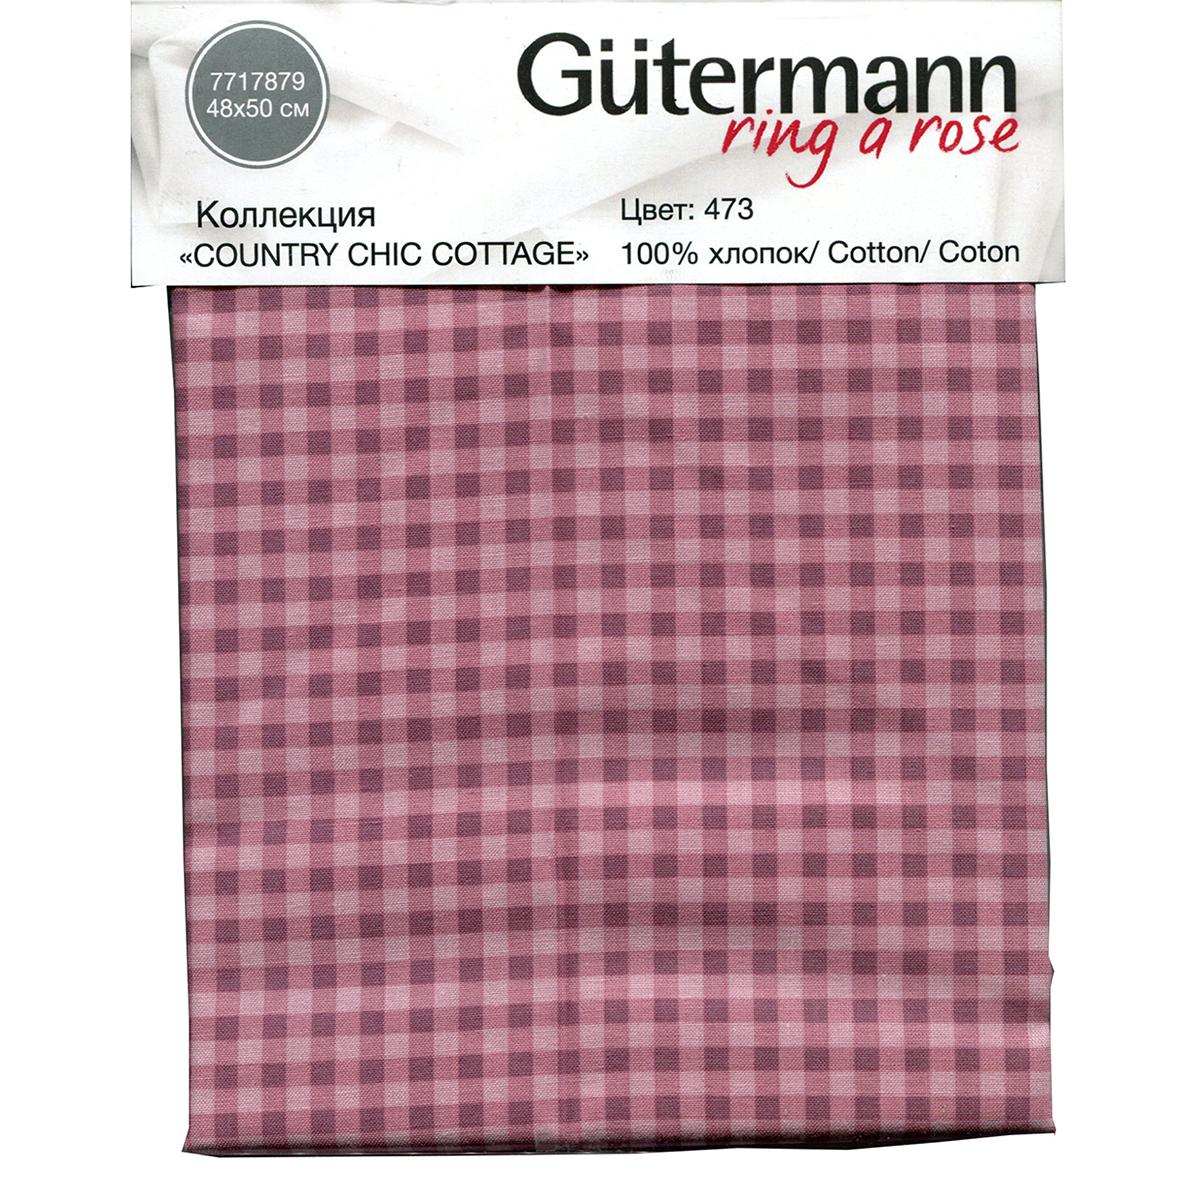 Ткань Gutermann Country Chic Cottage, 48 х 50 см. 649368_47319201Ткань Gutermann, изготовленная из 100% натурального хлопка, идеально подойдет для шитья одежды, постельного белья, декорирования. Ткань не линяет, не осыпается по краям и не дает усадки.